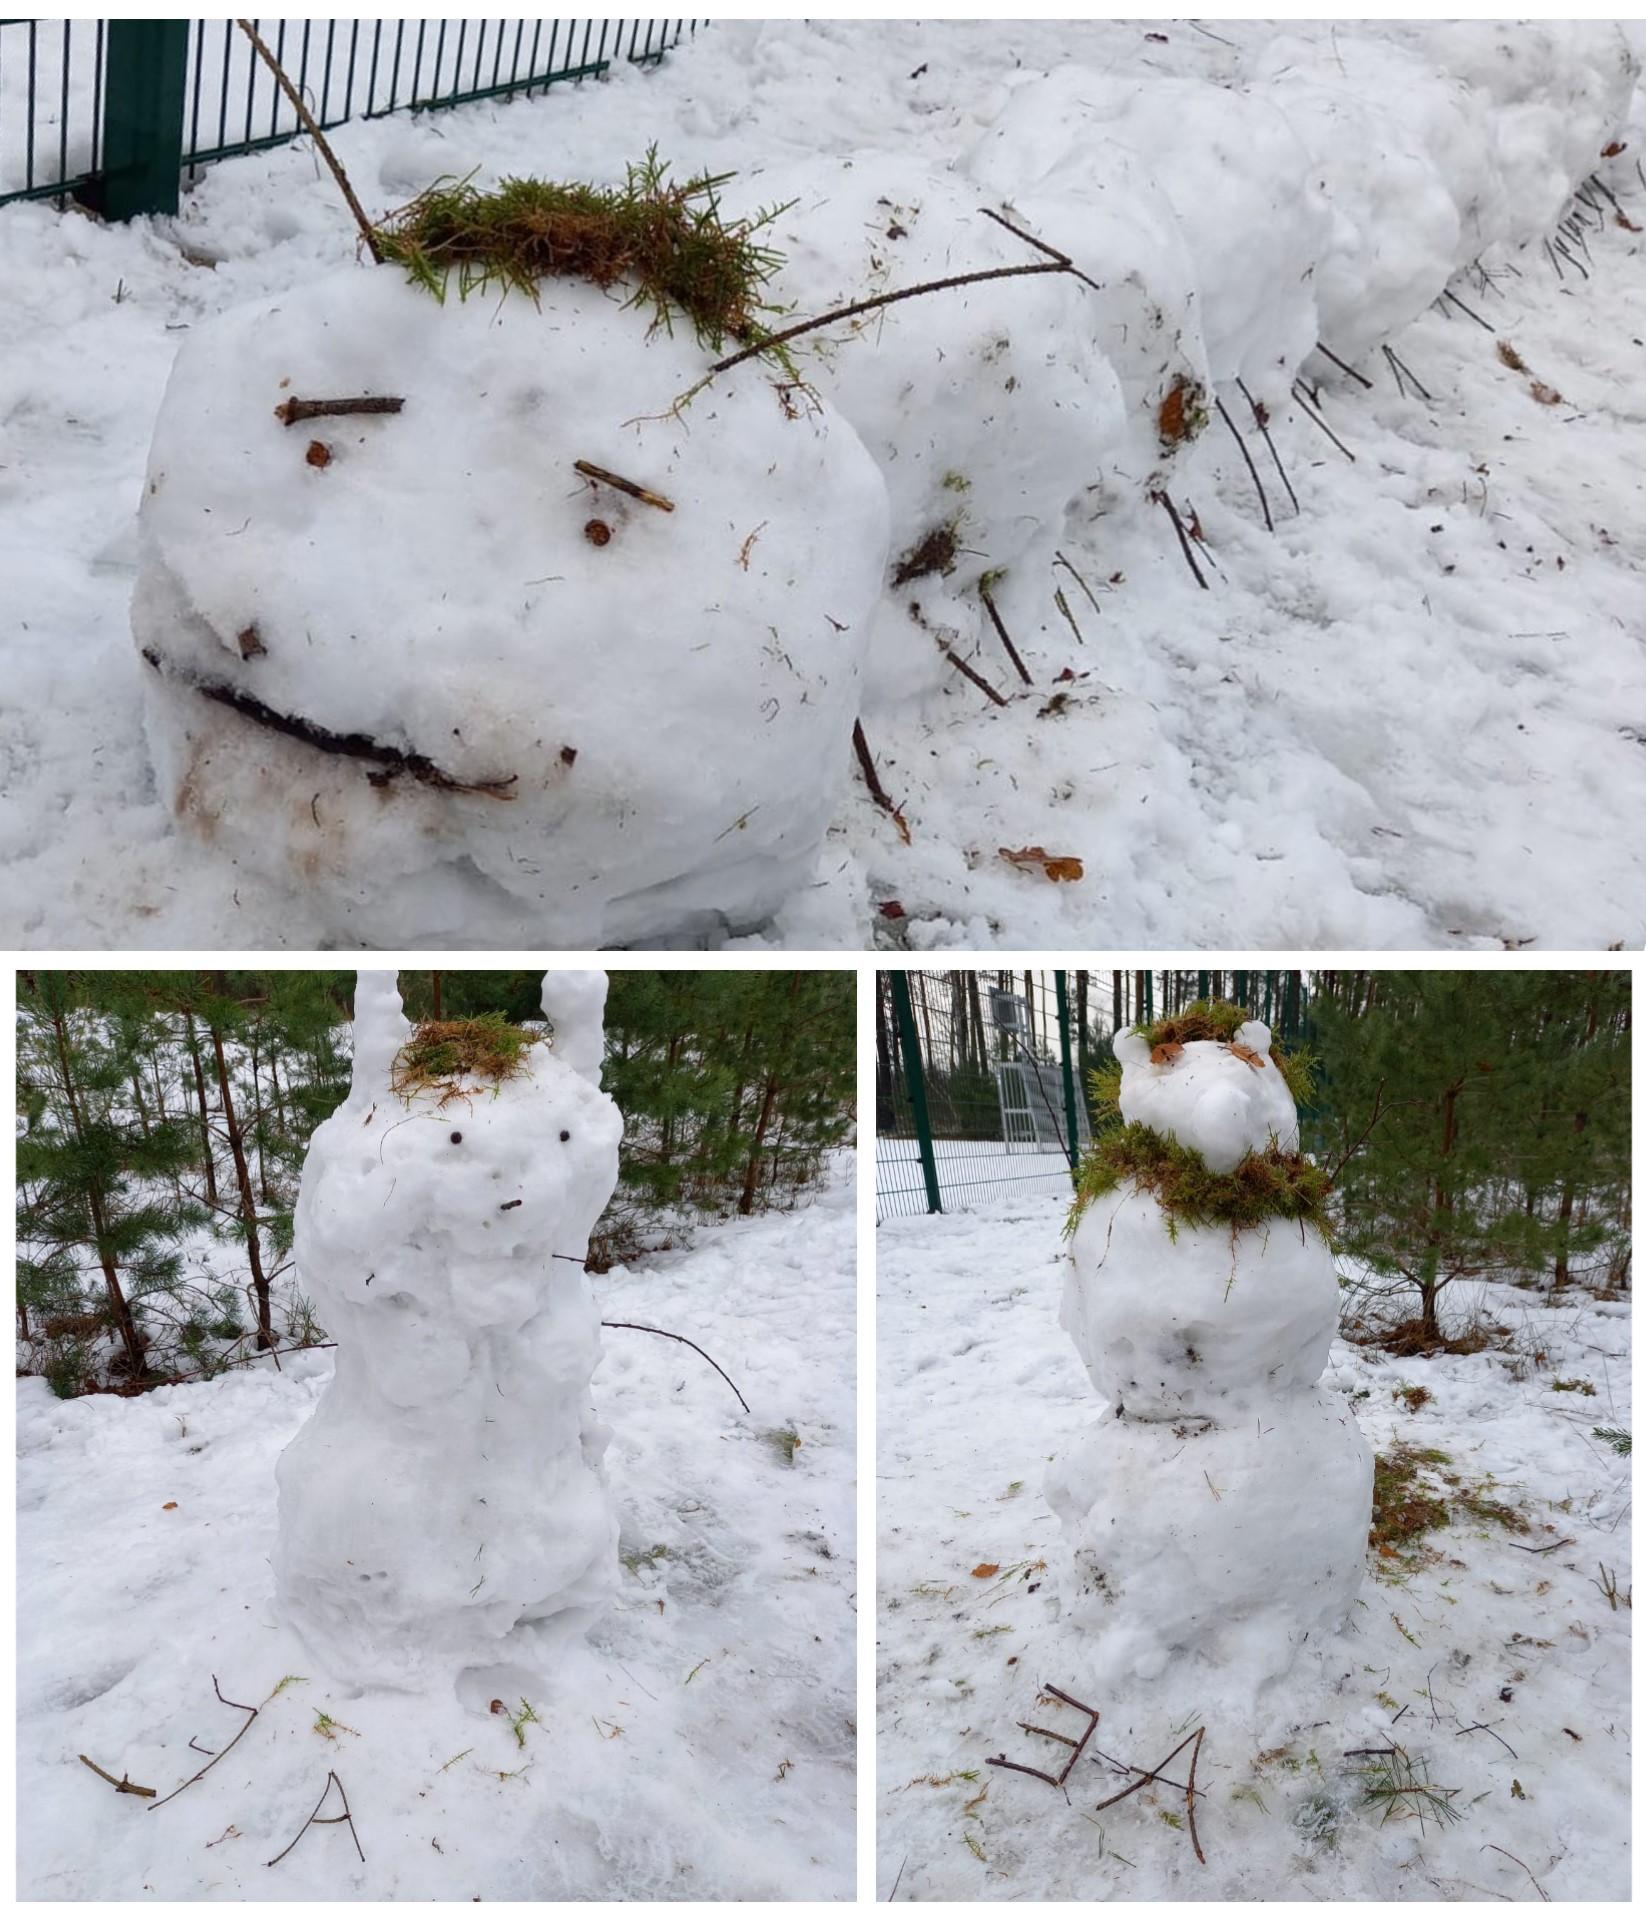 Schneefiguren_3a_2